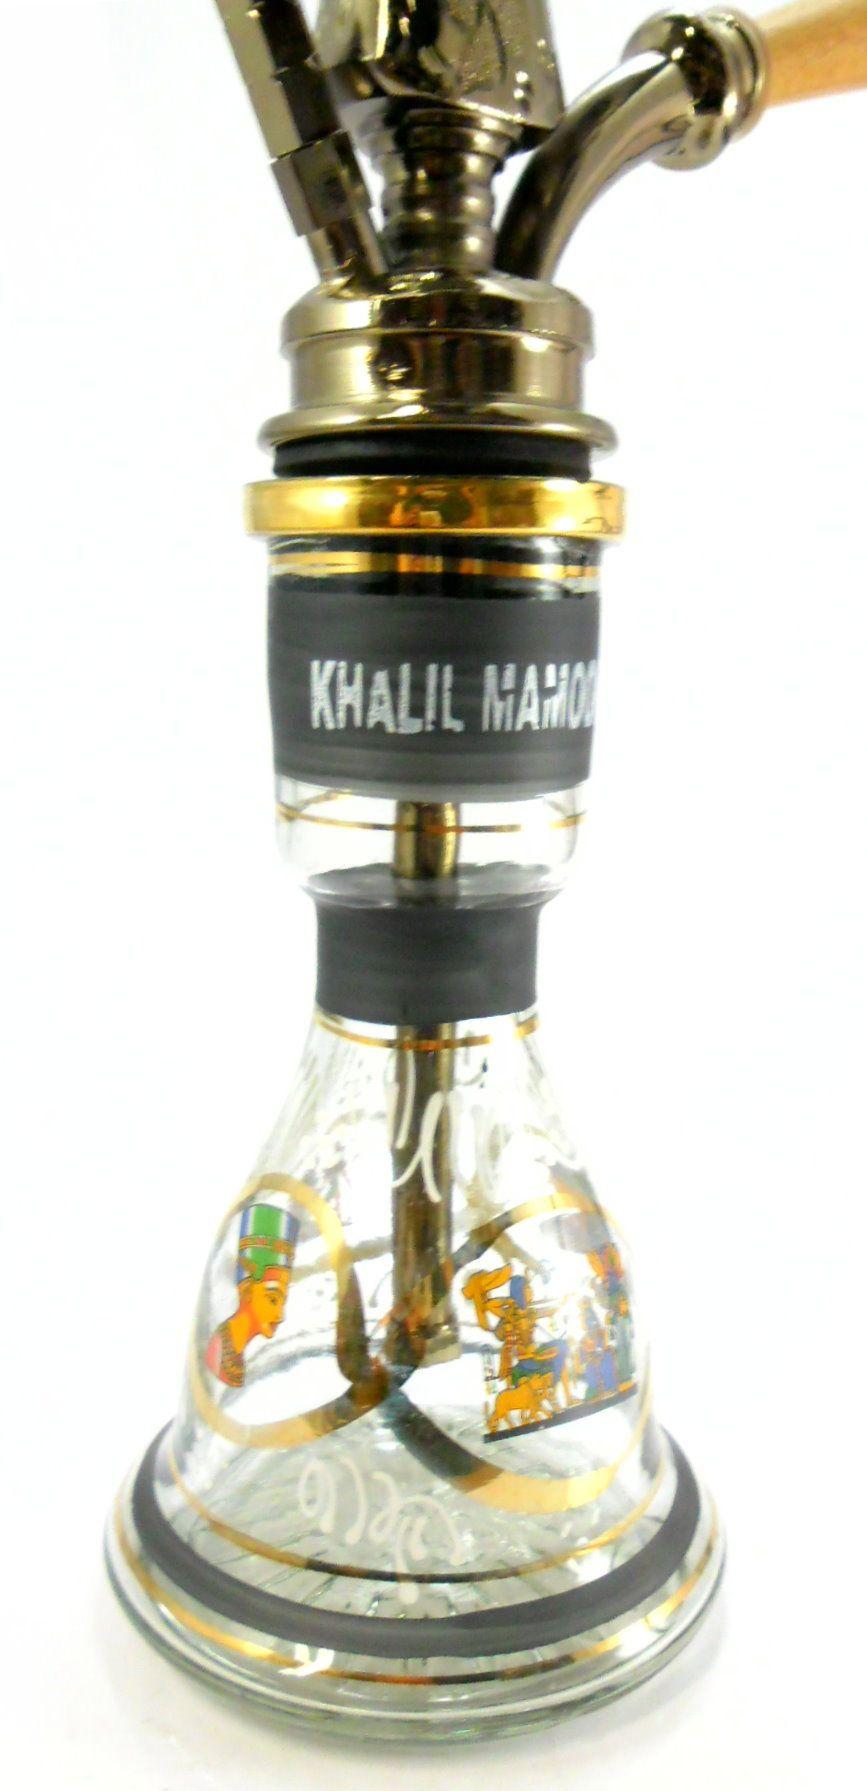 Narguile Egípcio KHALIL MAMOON KAMANJA BLACK, 56cm, vaso COM LISTRA PRETA pintado a mão.